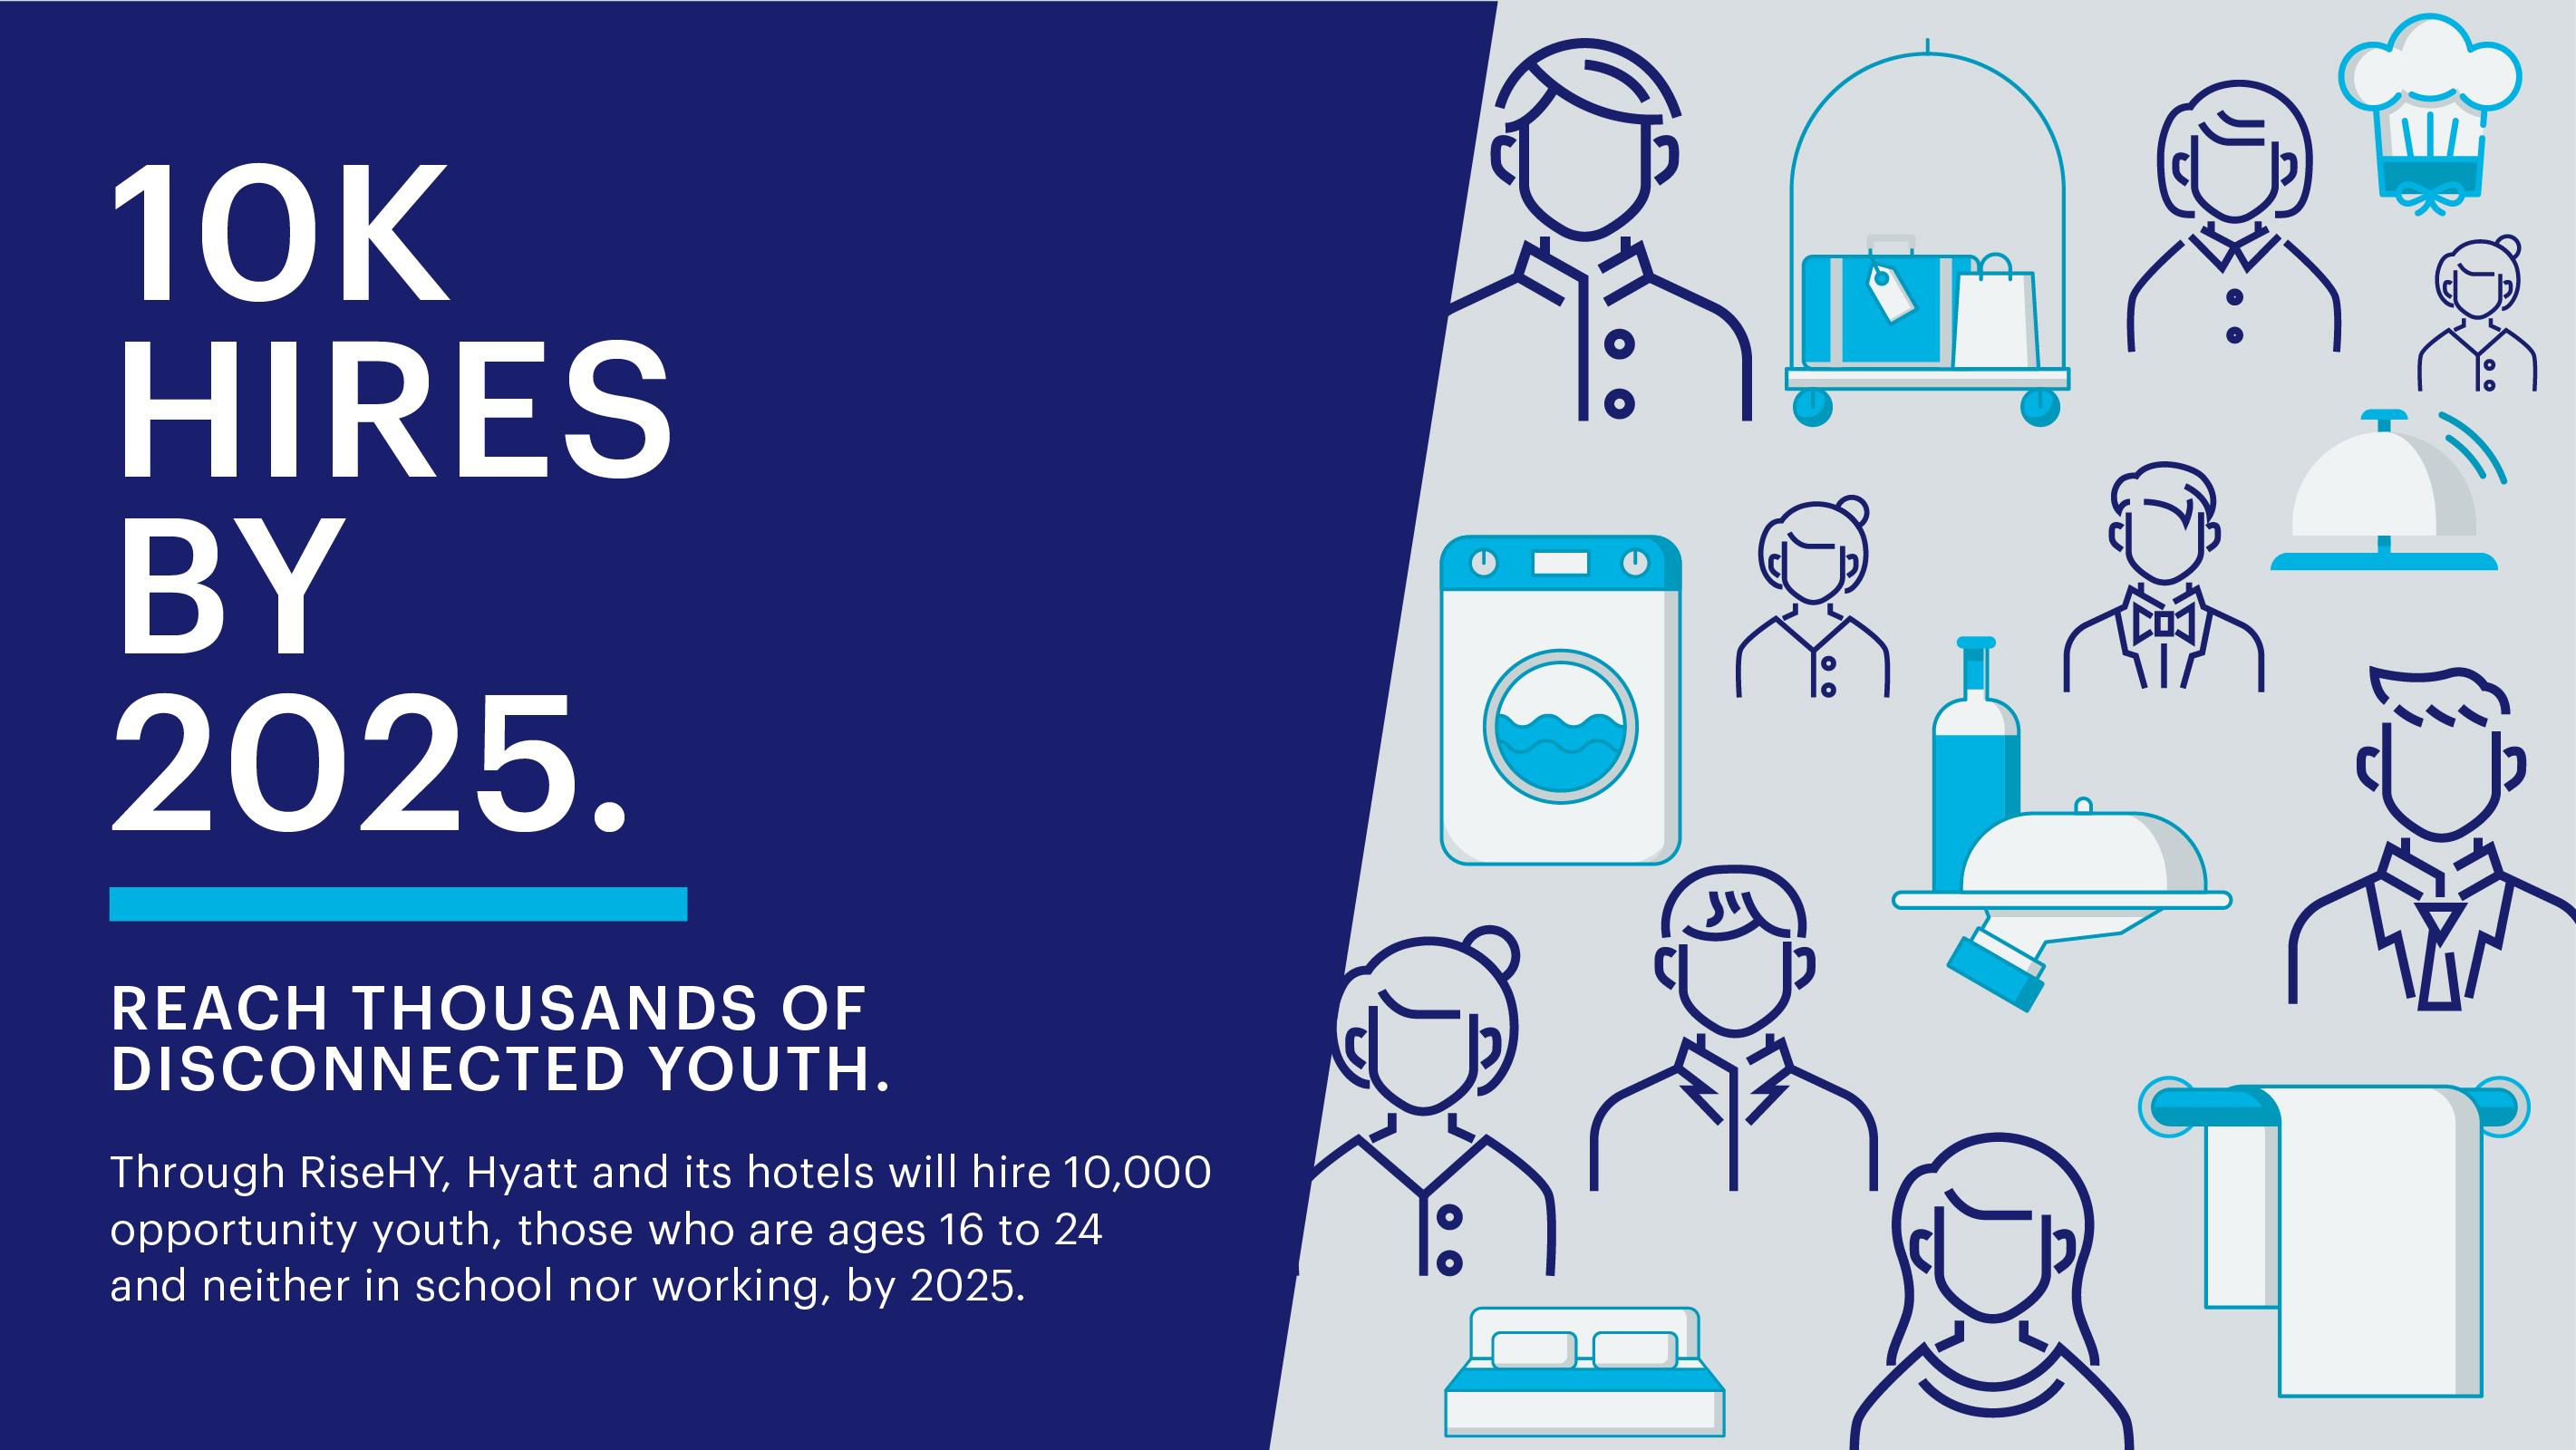 Le programme RiseHY lancé par le groupe hôtelier Hyatt pour recruter des jeunes déscolarisés ou sans emploi - DR